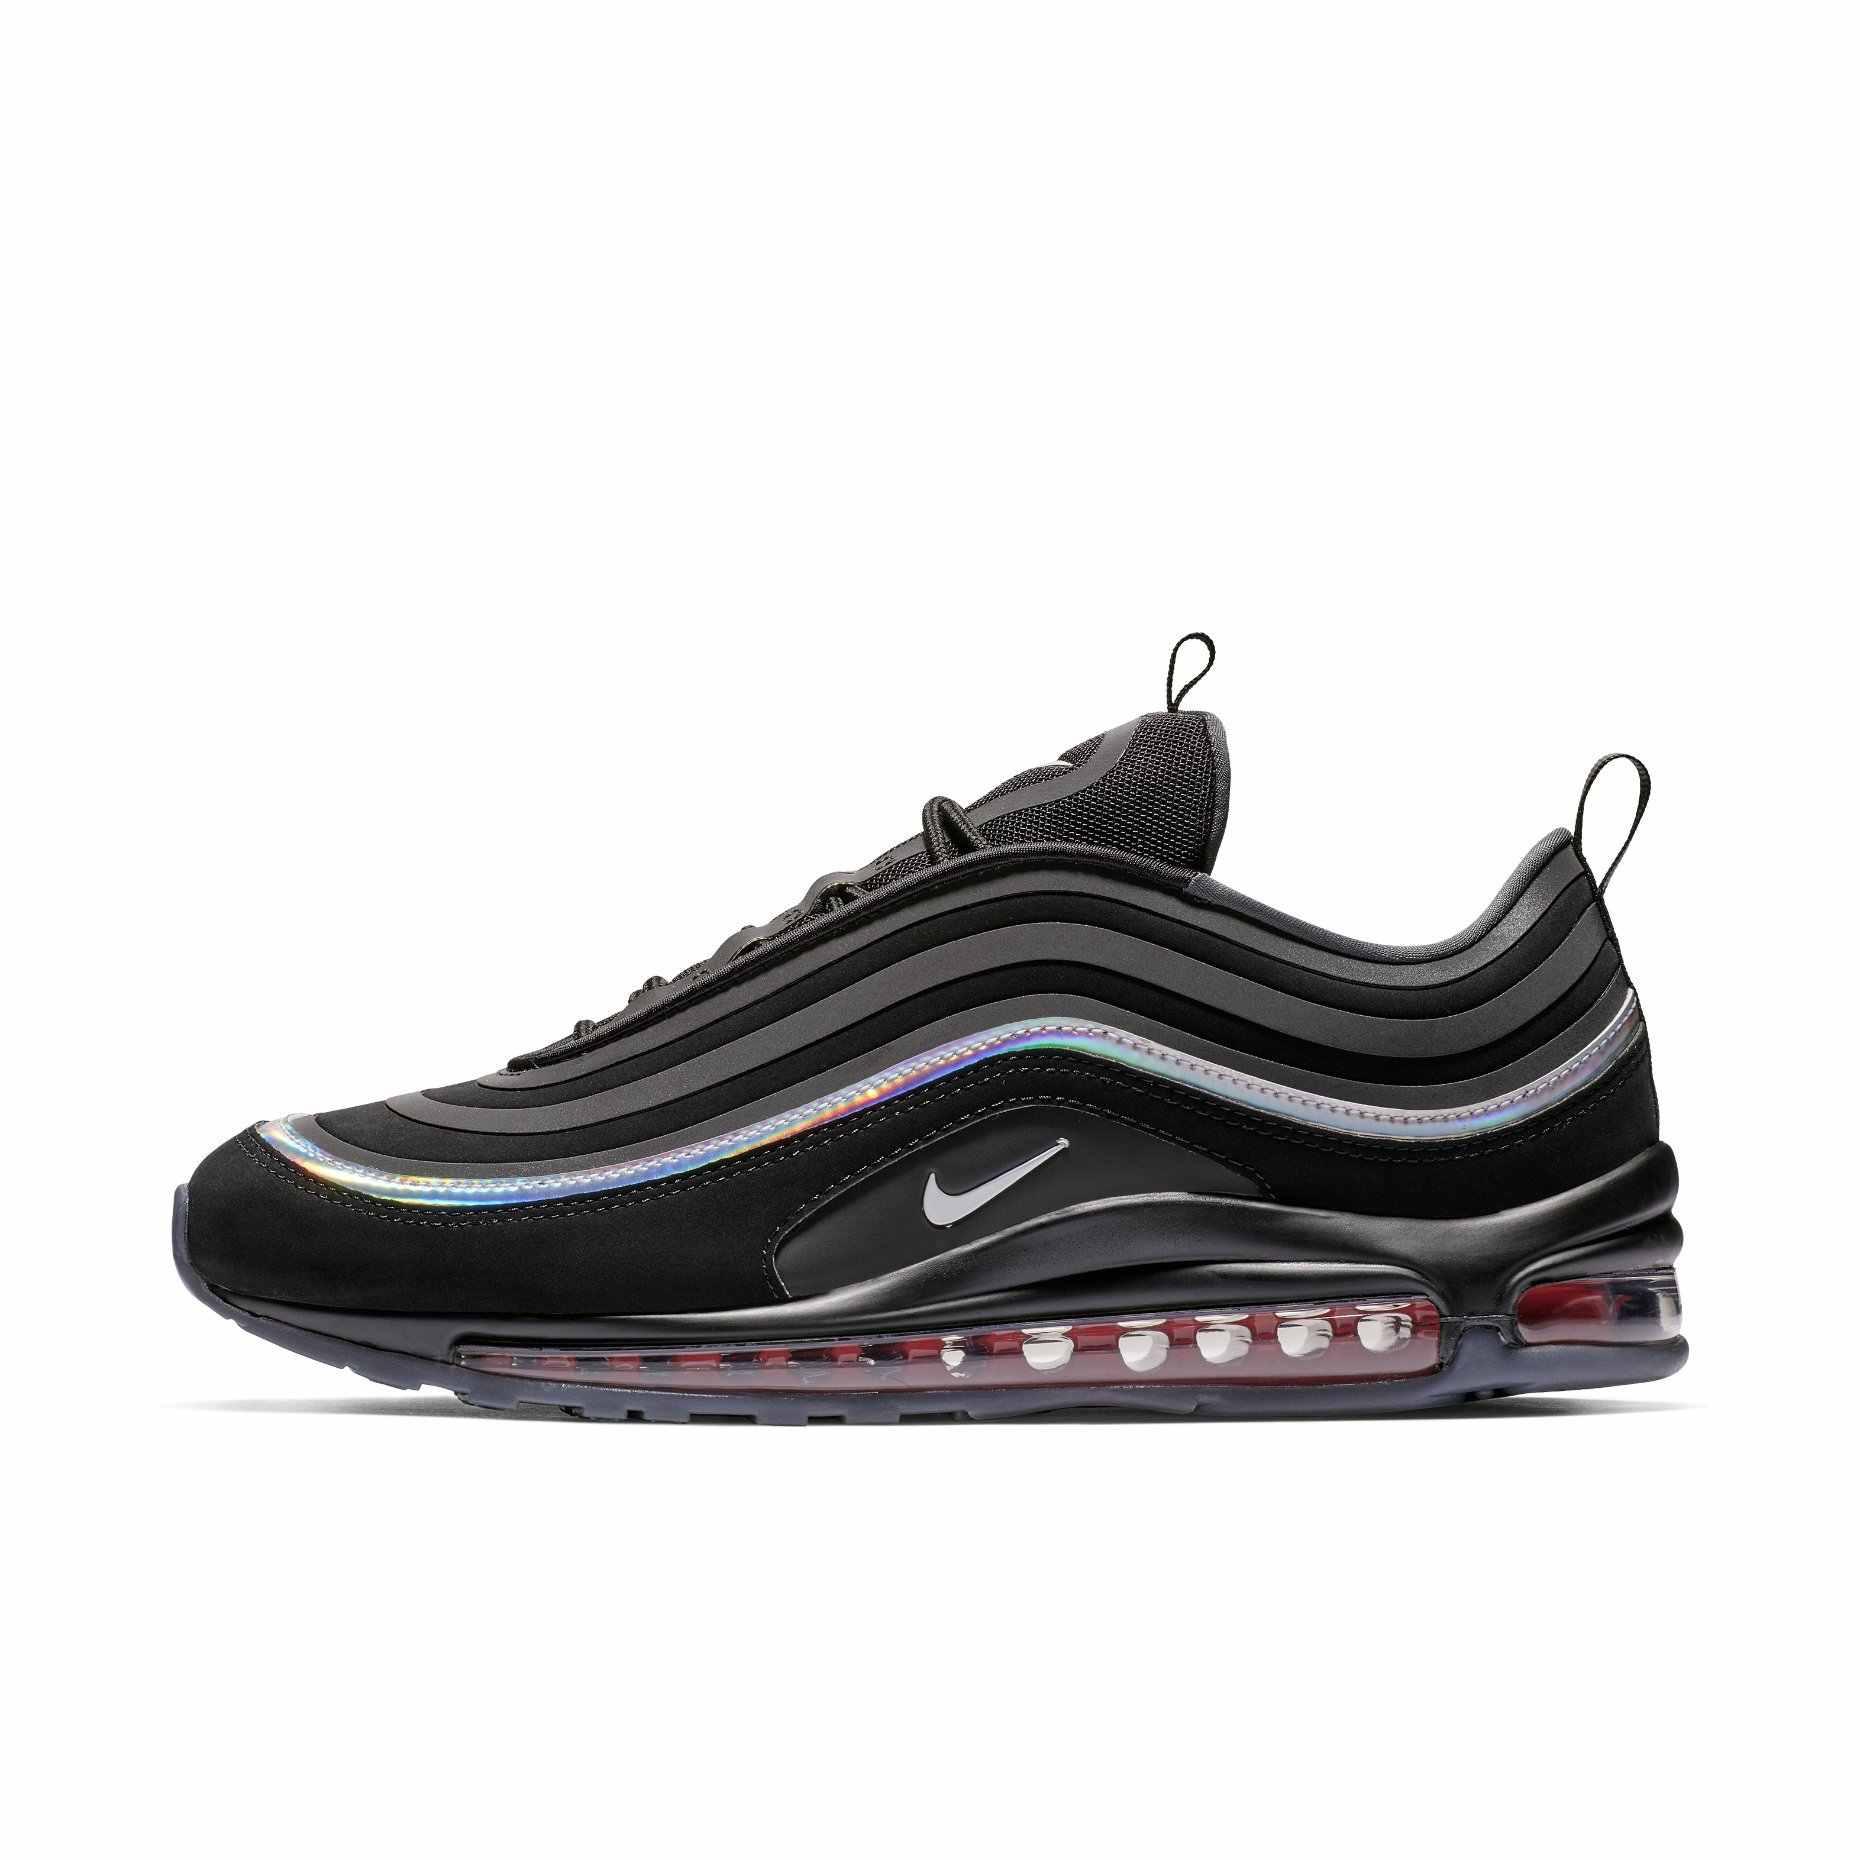 NIKE AIR MAX 97 UL '17 ультрановые мужские кроссовки для бега удобные дышащие кроссовки для отдыха # BV6666-016/106